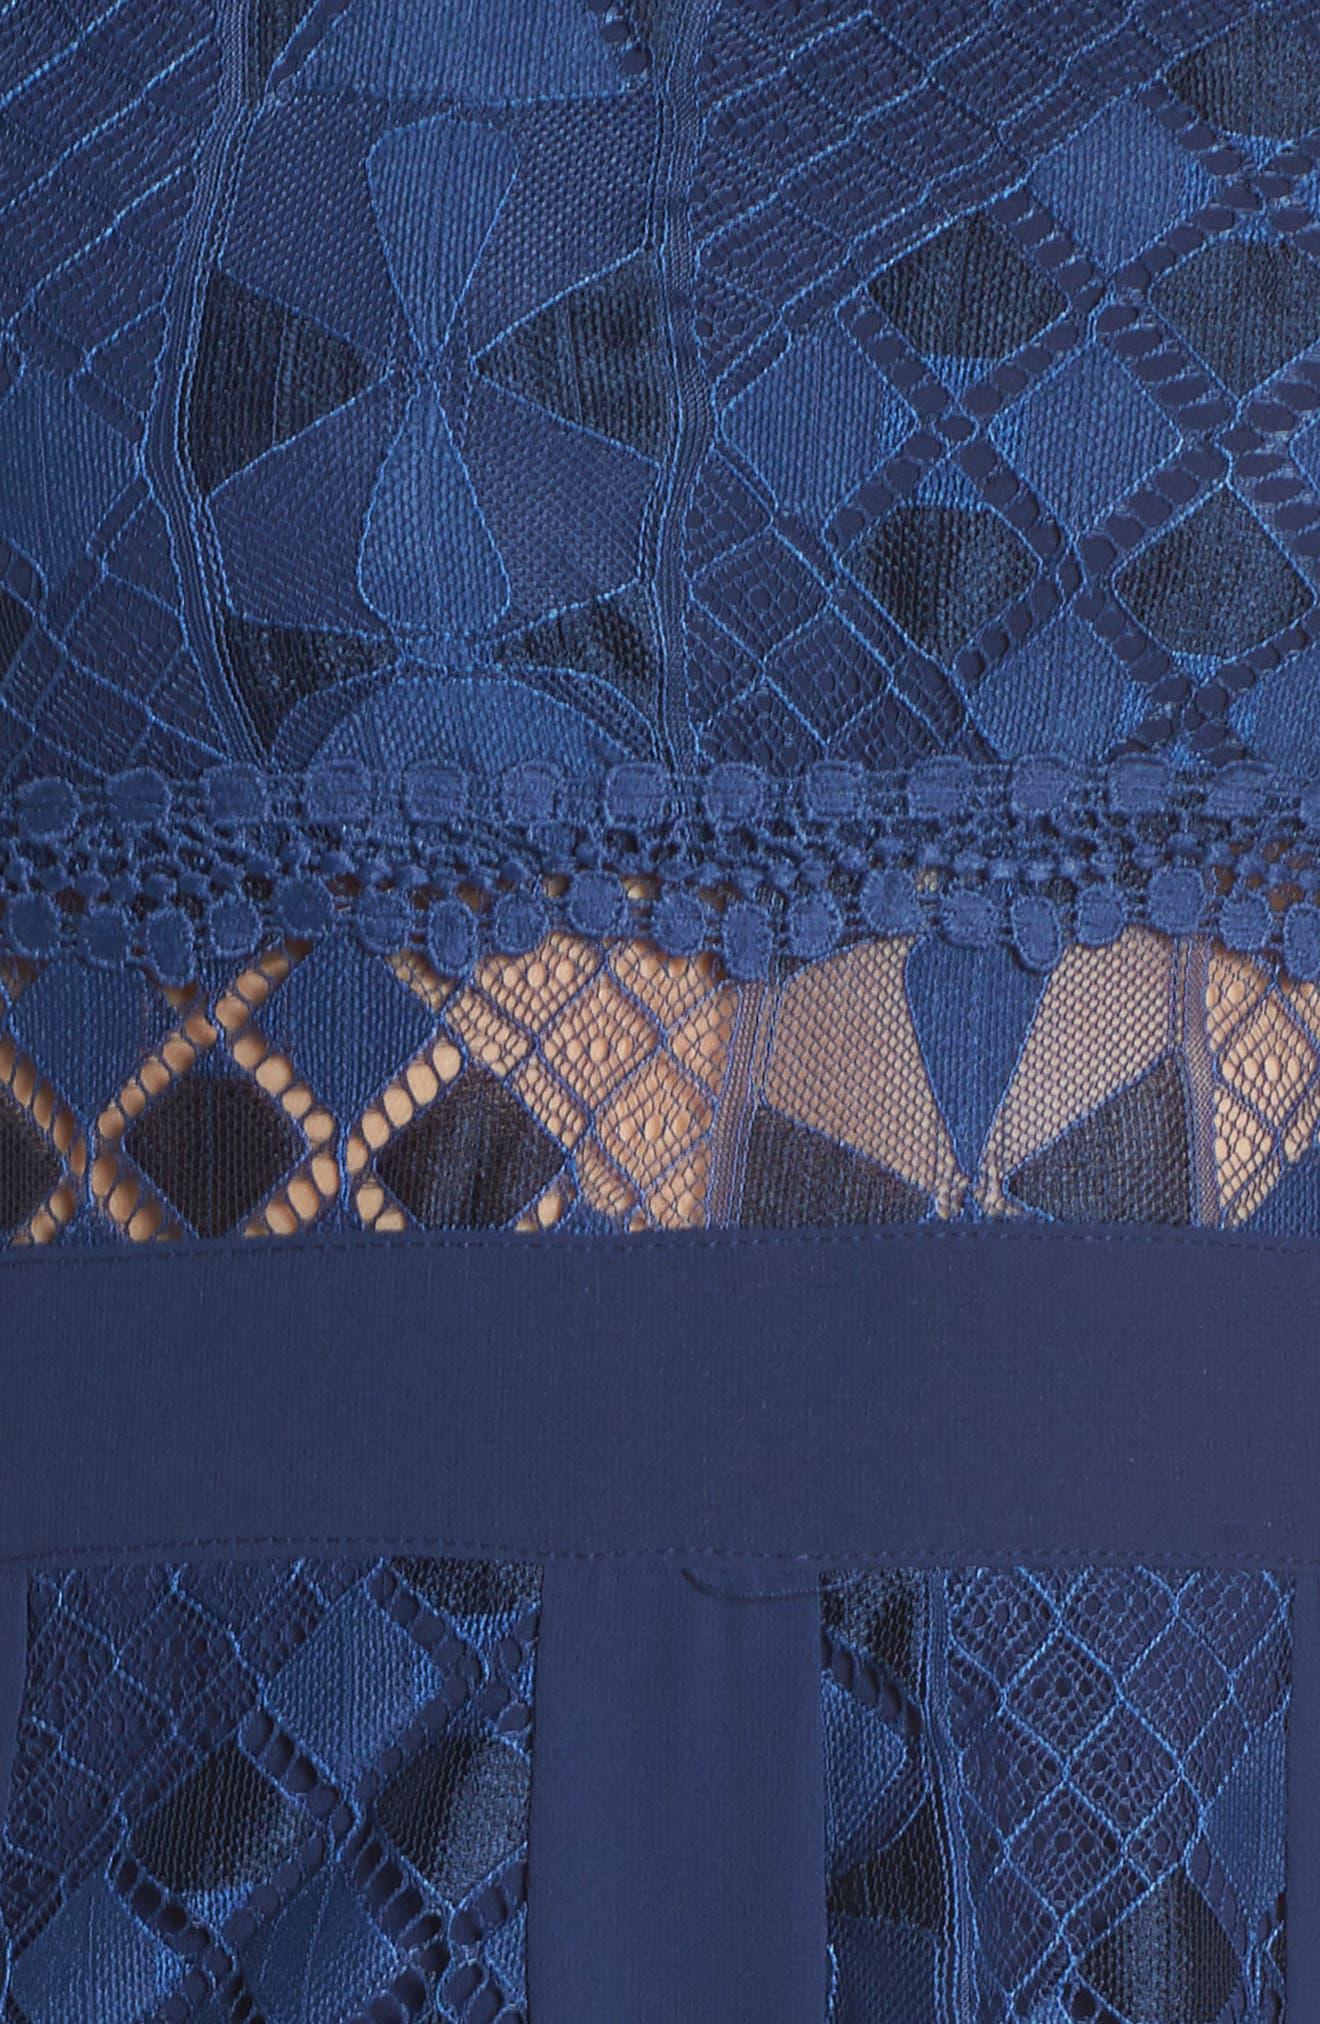 Juliet One-Shoulder Lace Gown,                             Alternate thumbnail 6, color,                             NAVY